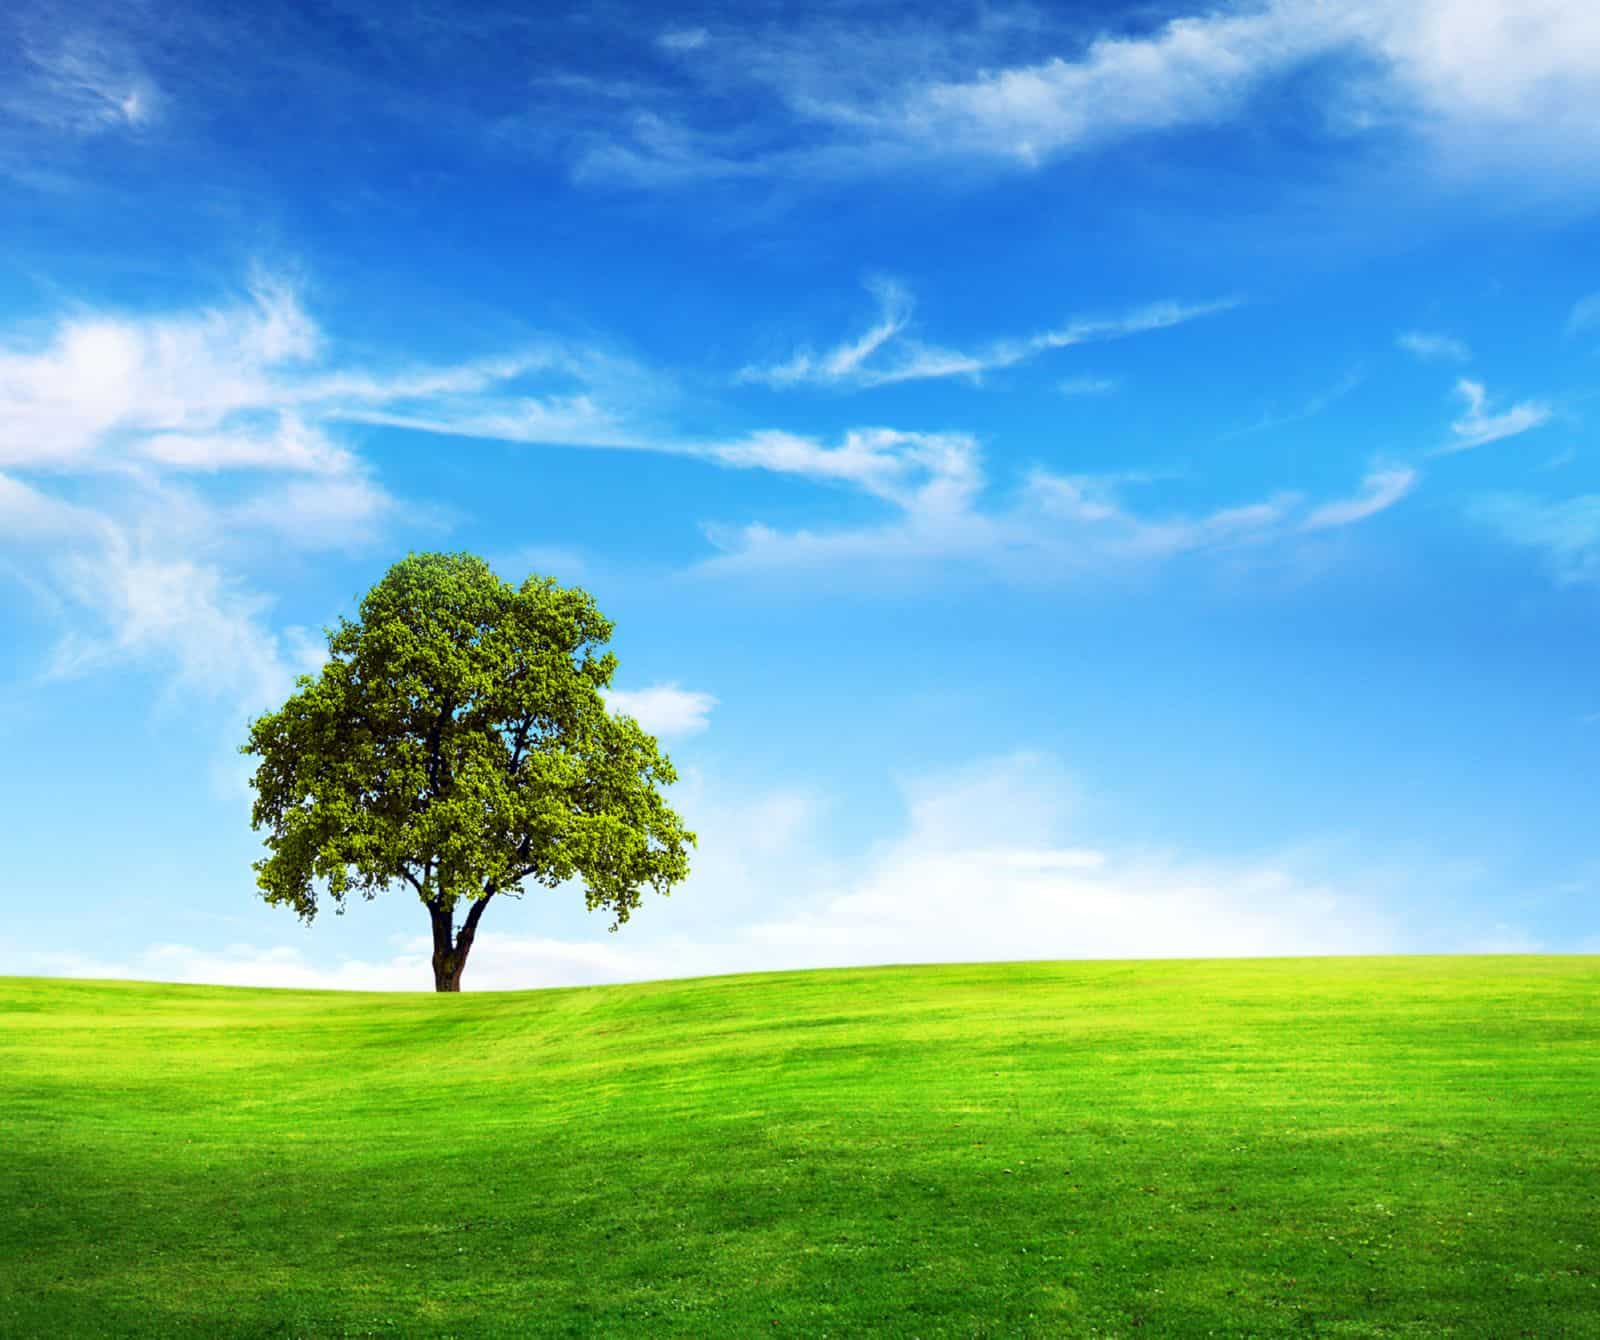 использование земельного участка без предоставления земельного участка